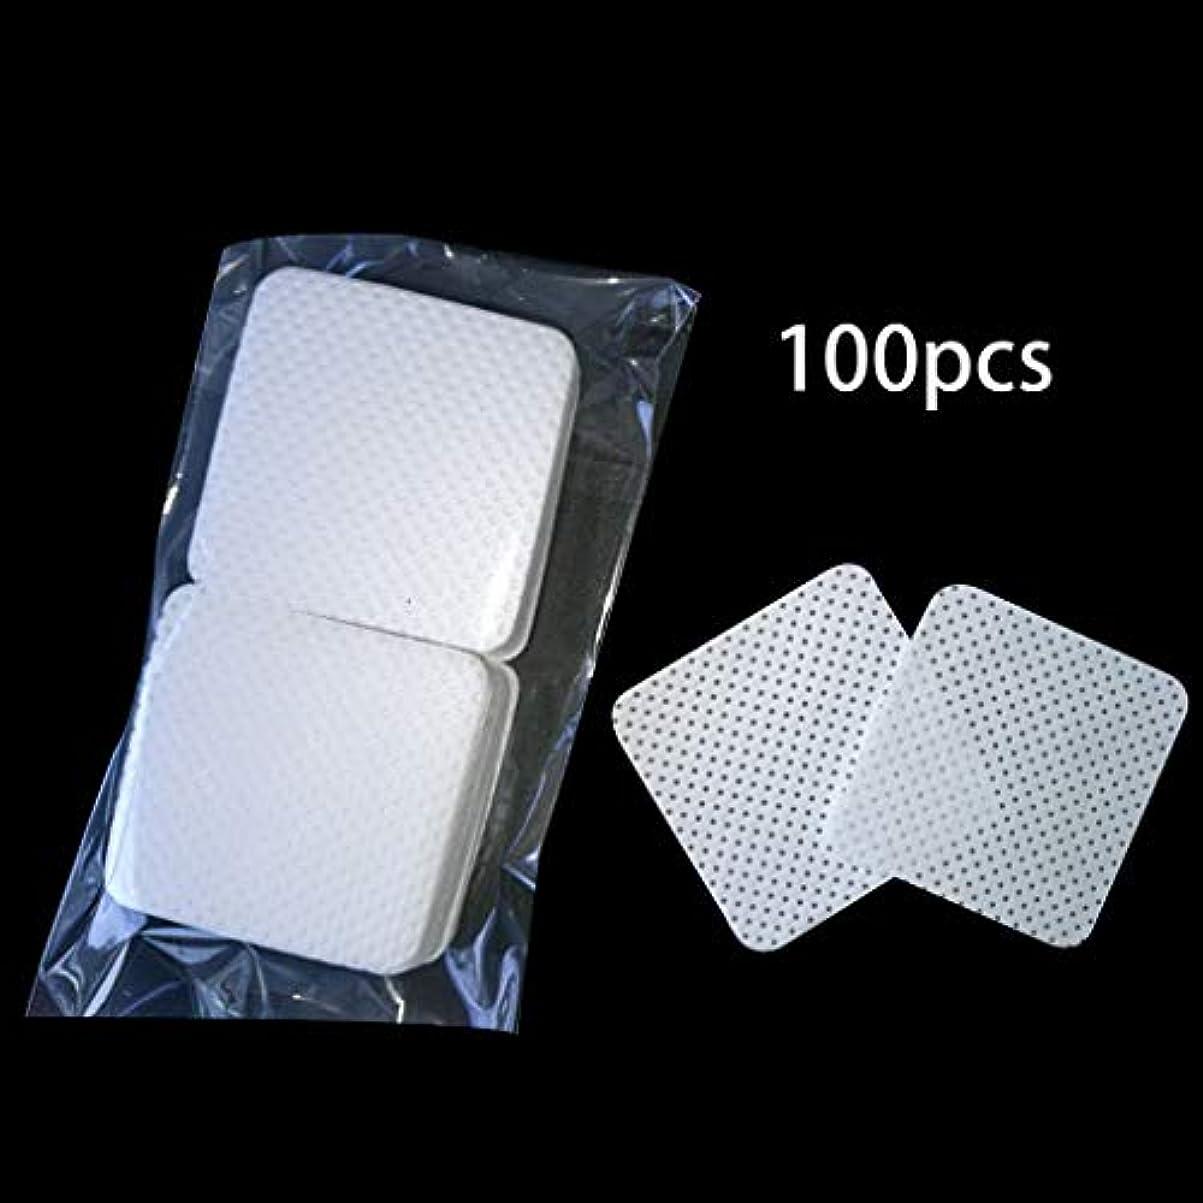 スクランブルモンクハーブLamdoo 100ピース/バッグ使い捨てまつげエクステンション接着剤削除綿パッド瓶口拭きパッチメイク化粧品クリーニングツール